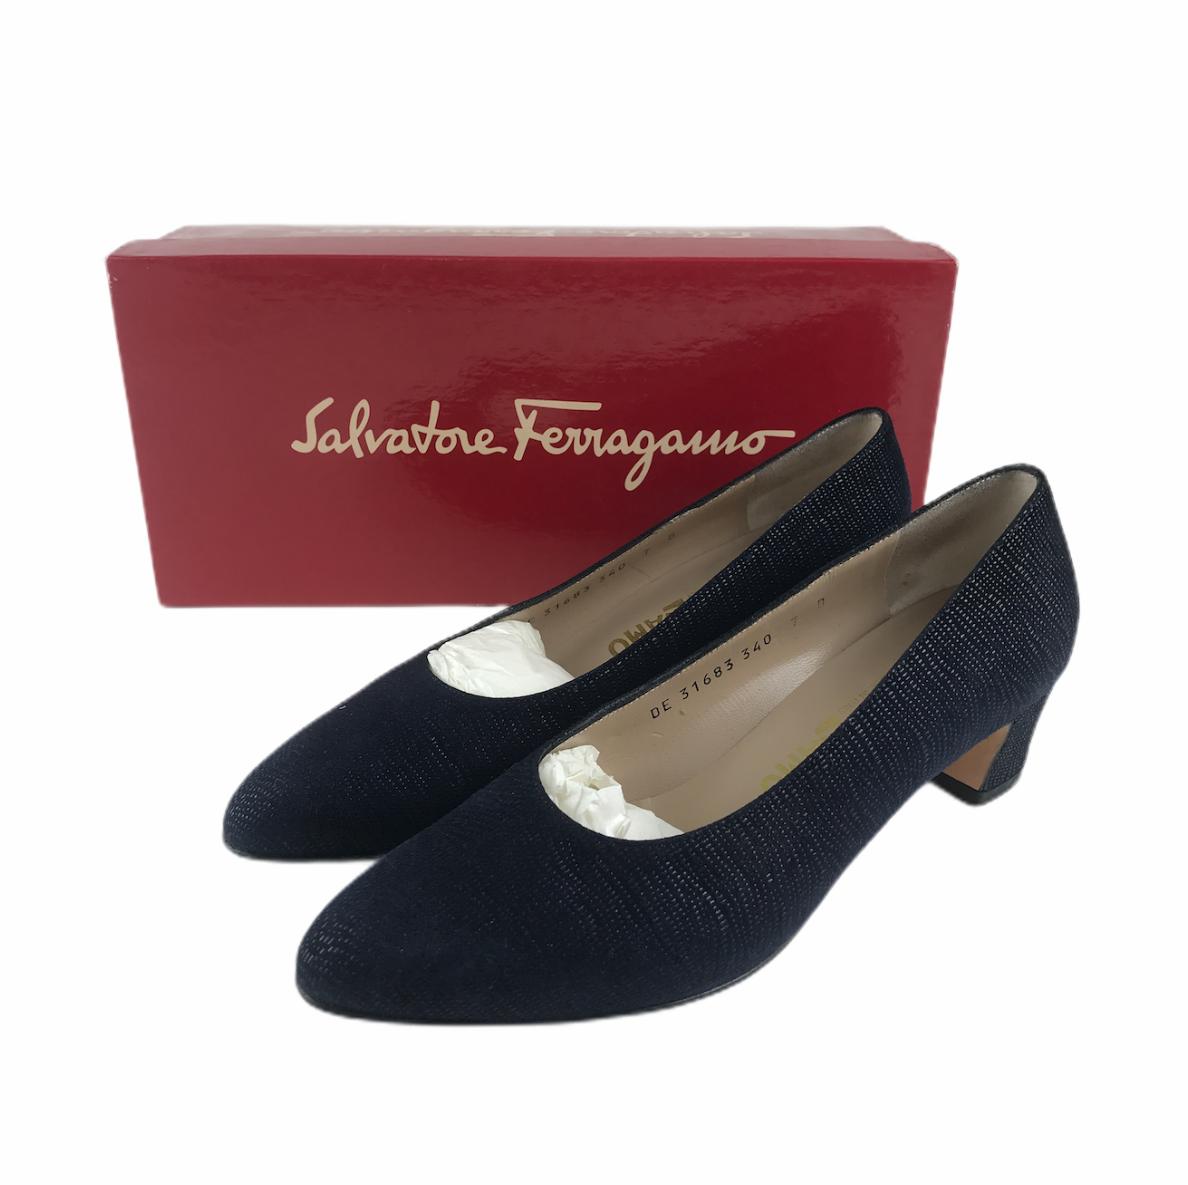 Vintage Salvatore Ferragamo Boutique Women's Rio Shoes Pumps Pebbled Blue Kid 7 - $55.78